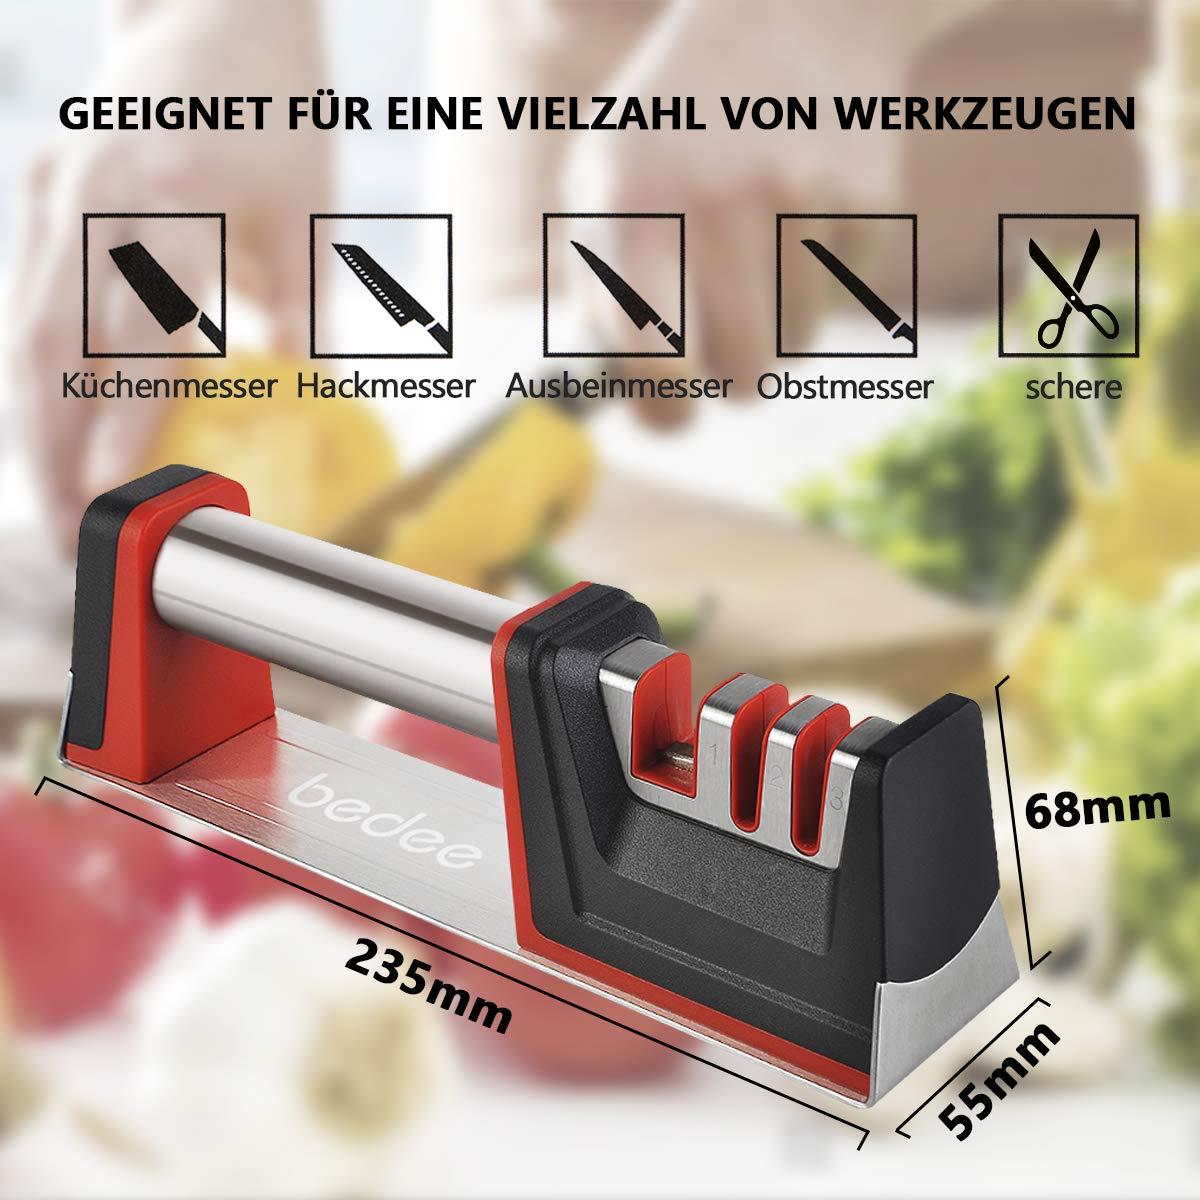 bedee Messerschärfer Knife Sharpener Messerschleifer für Edelstahl und Keramikmesser Küchen messerschärfer Steakmesser Messer Schärfen Schärfen Messer mit Schnittfeste Handschuhe (Metall) (Metall)